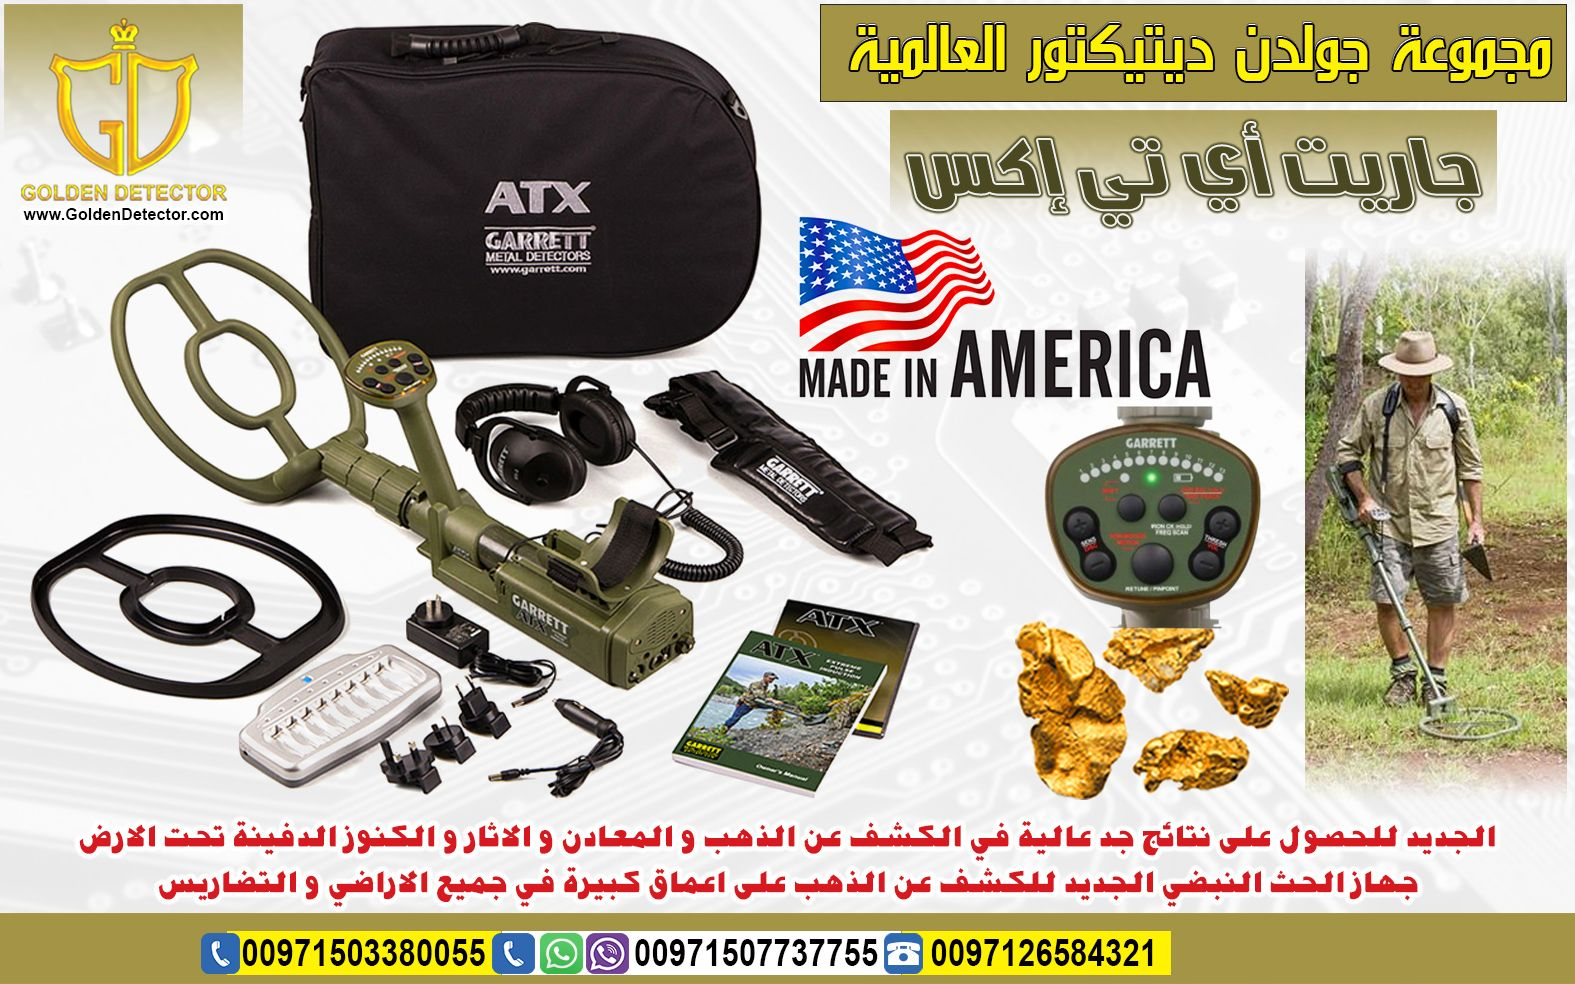 اجهزة كشف الذهب في الصومال موريتانيا تشاد للبيع 2018 افضل اسعار جهاز جاريت اى تى اكس كاشف المعادن الامريكي احصل على اقوى Gold Detector Metal Detector Dubai Uae